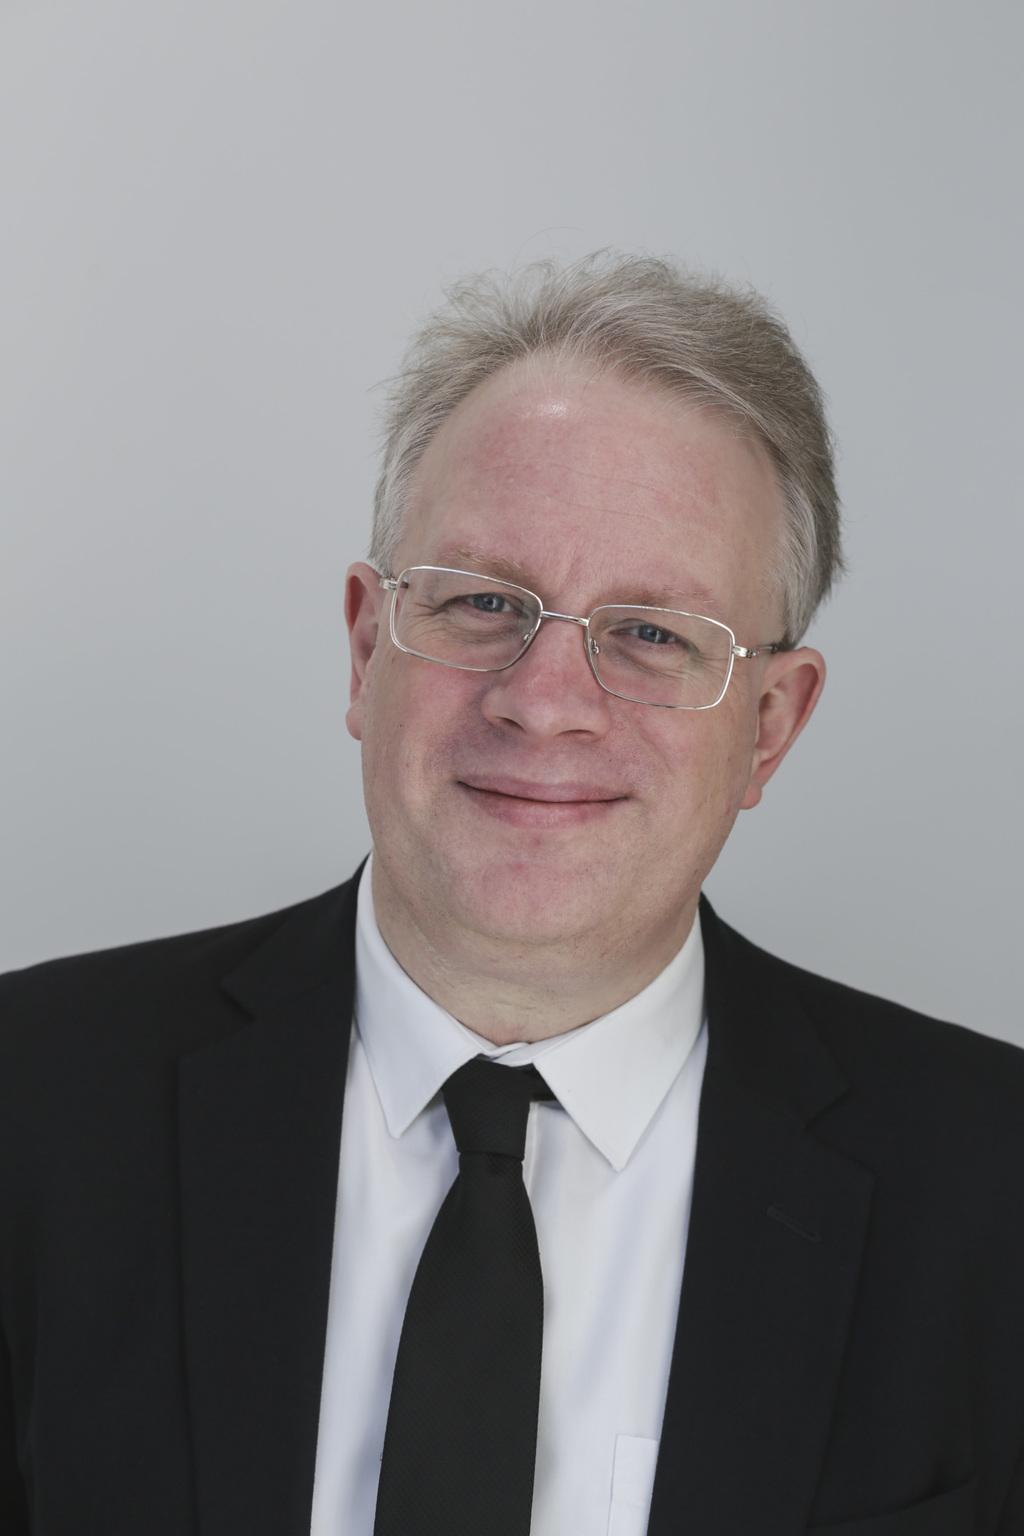 Andrew Burrell